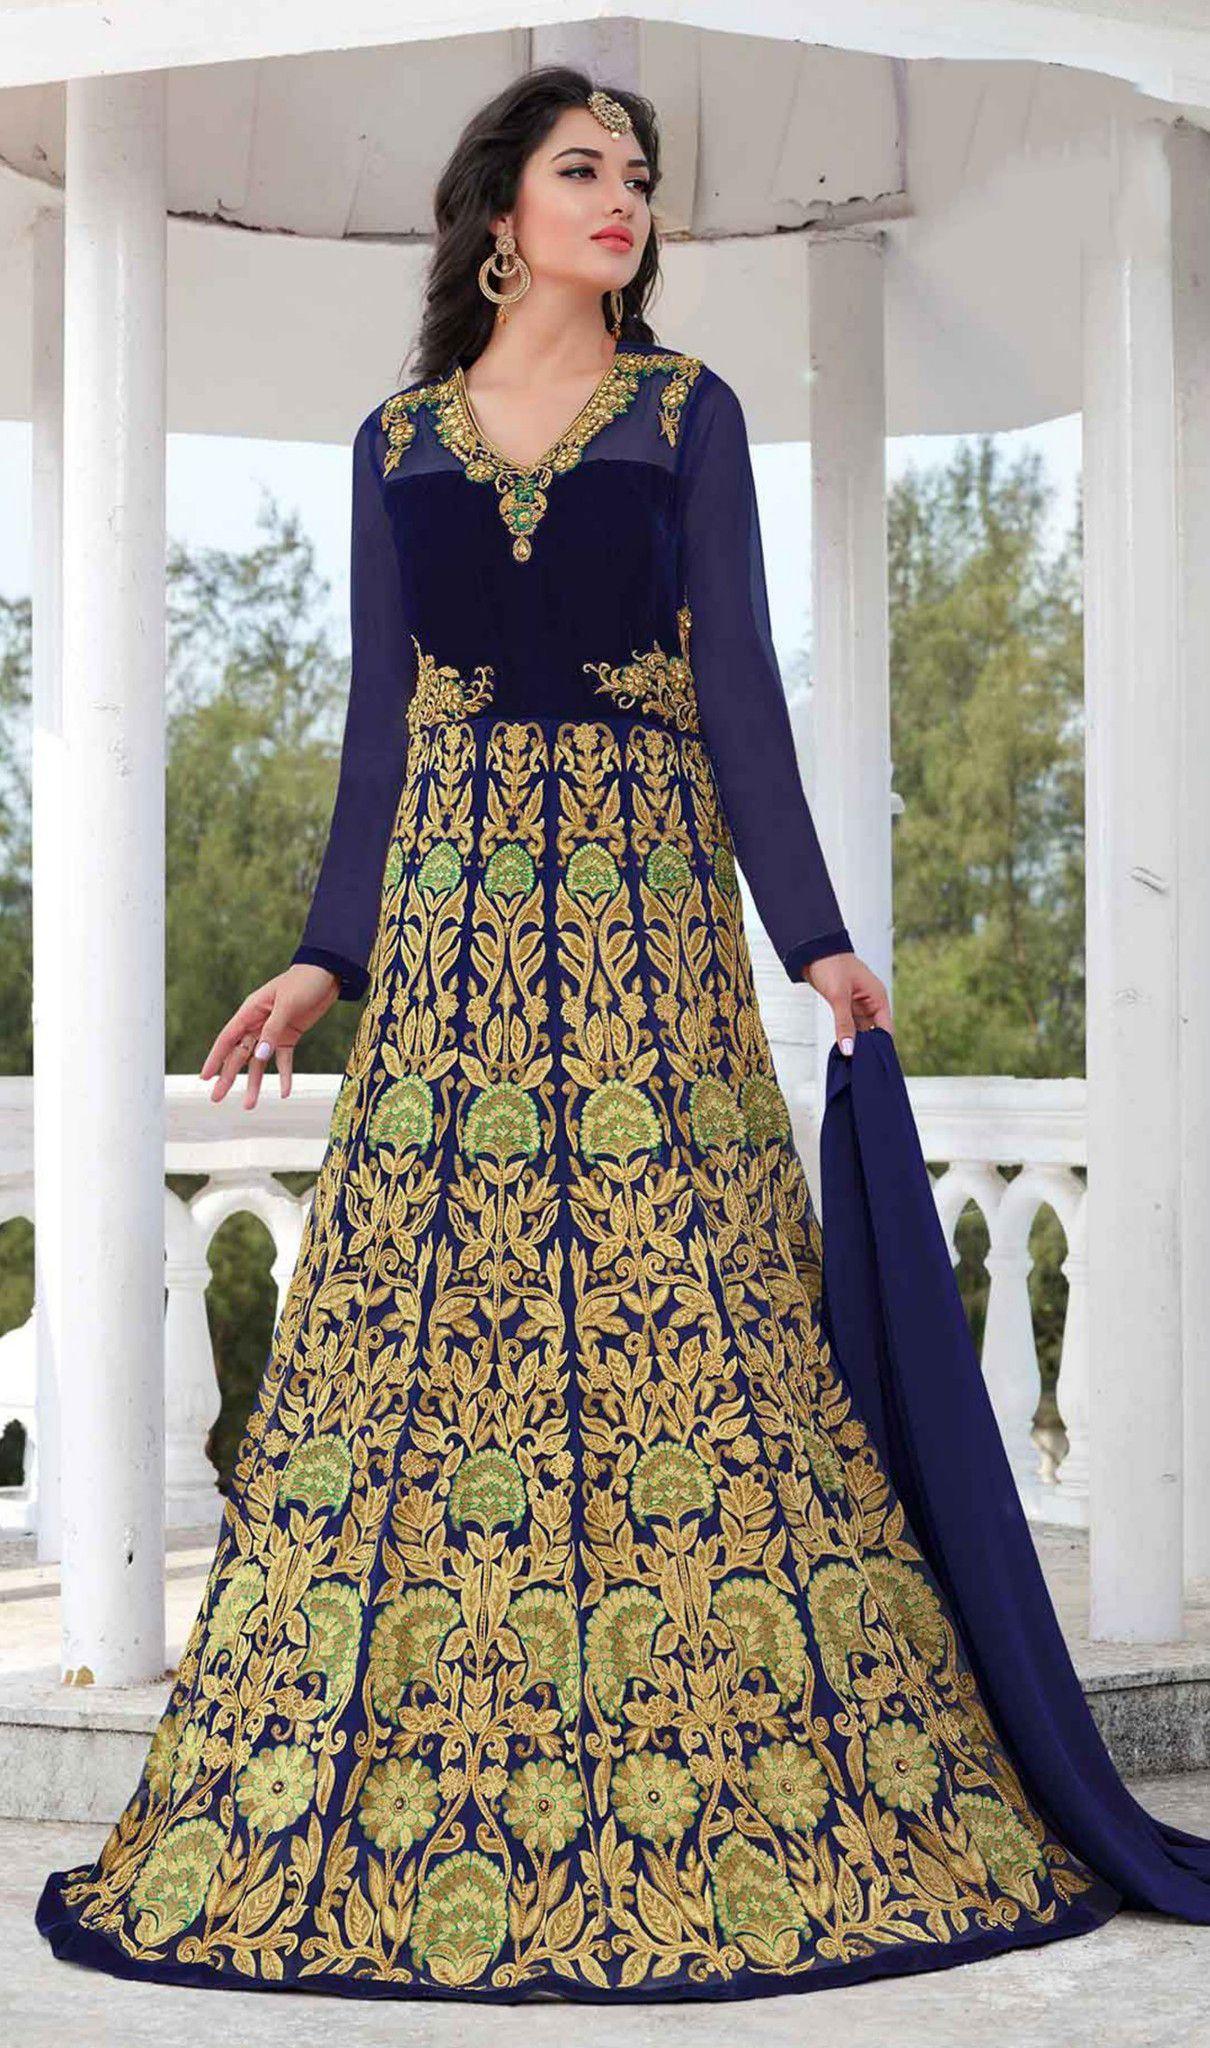 أحدث وأجمل موديلات الفساتين الهندية قطع أصلية مستوردة من